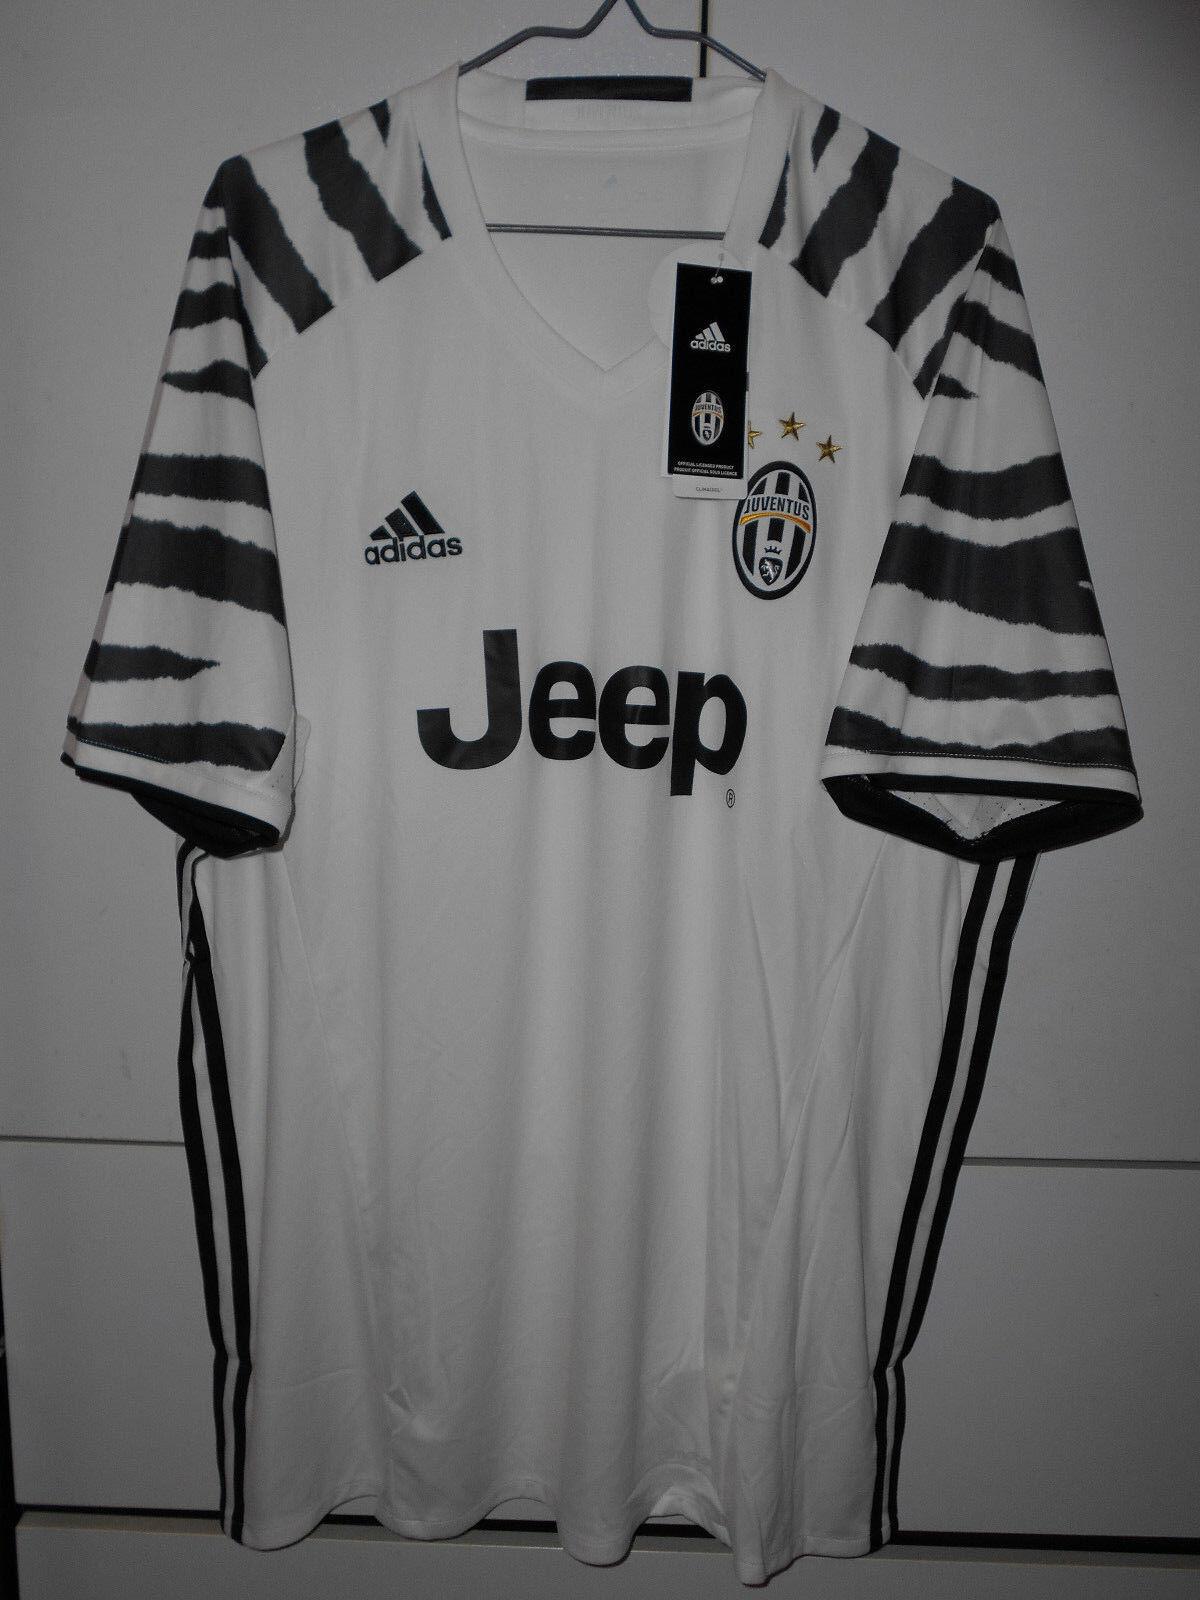 Adidas Auténtico Fútbol Juventus 2016-17 ventiladores Lejos Jersey M L XL